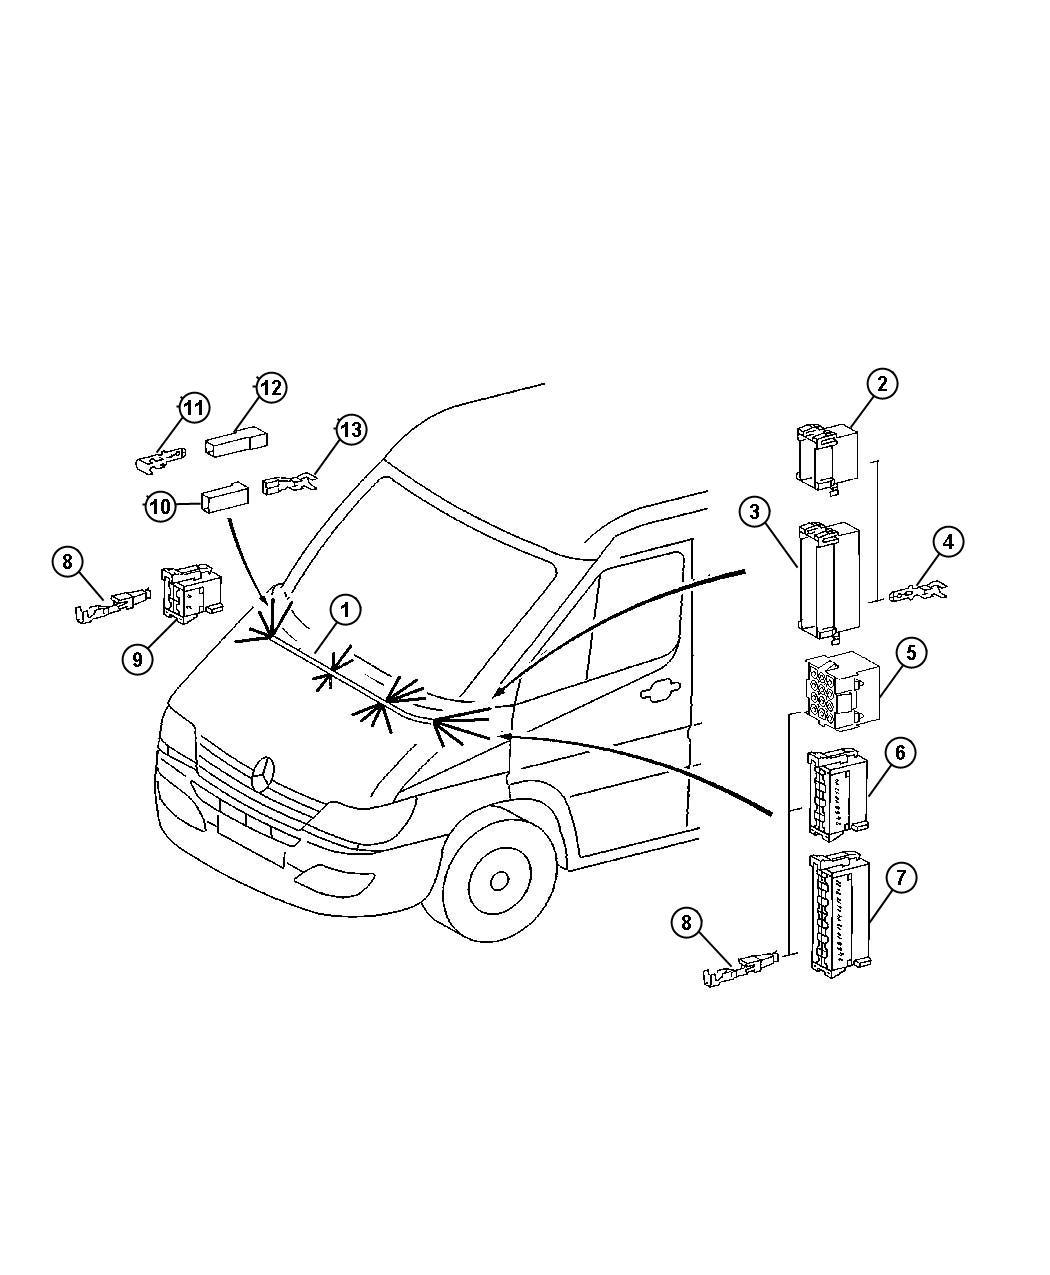 Dodge Sprinter Wiring  Instrument Panel Jumper  Ash Tray